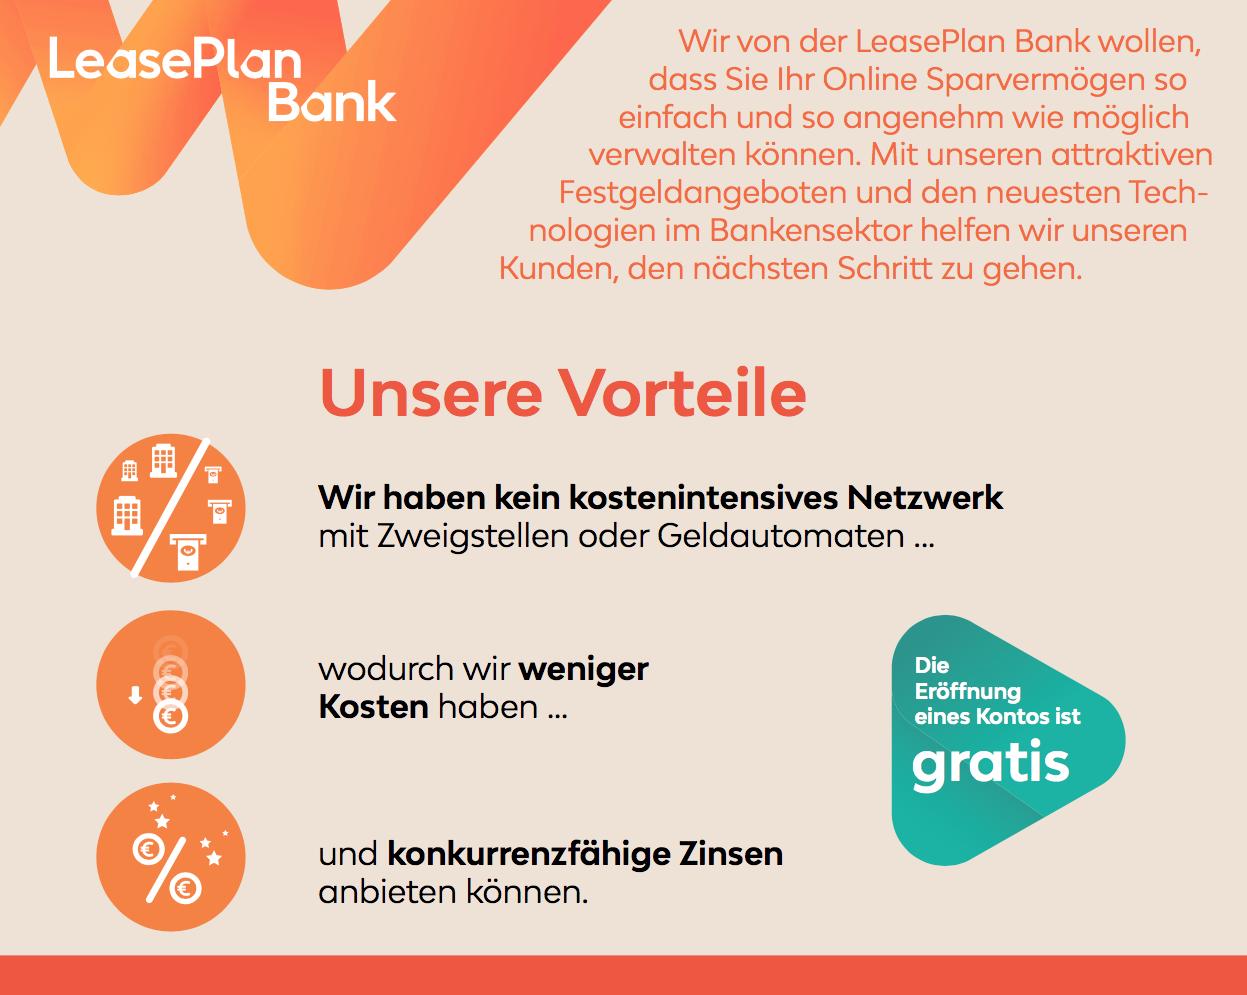 Anzeige der LeasePlan Bank. Thema: Geldanlage bei der Bank